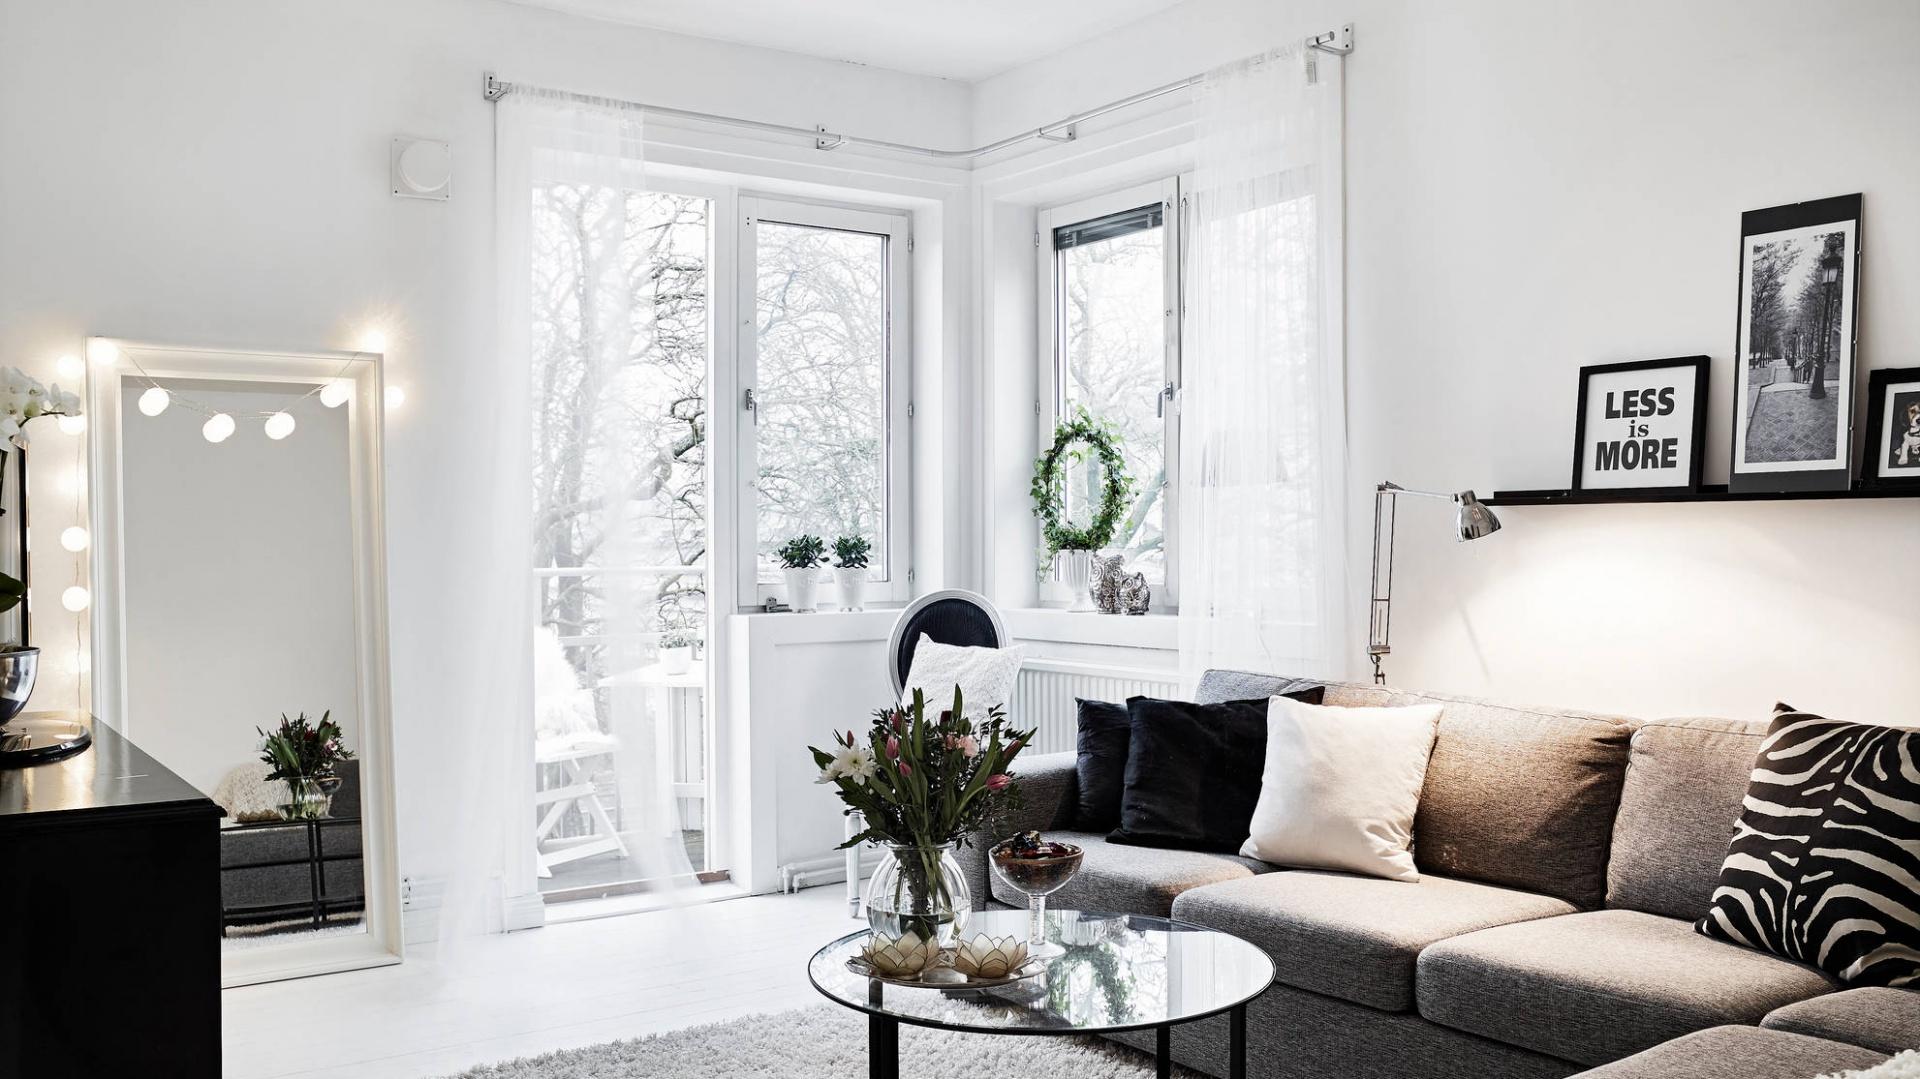 Narożne przeszklenia wpuszczają do wnętrza dużo naturalnego światła, które odbija się od jasnych ścian, rozświetlając i powiększając optycznie pomieszczenie. W salonie, sterylną biel przełamują czarne dodatki oraz duży, szary narożnik. Fot. Stadshem.se/Janne Olander.